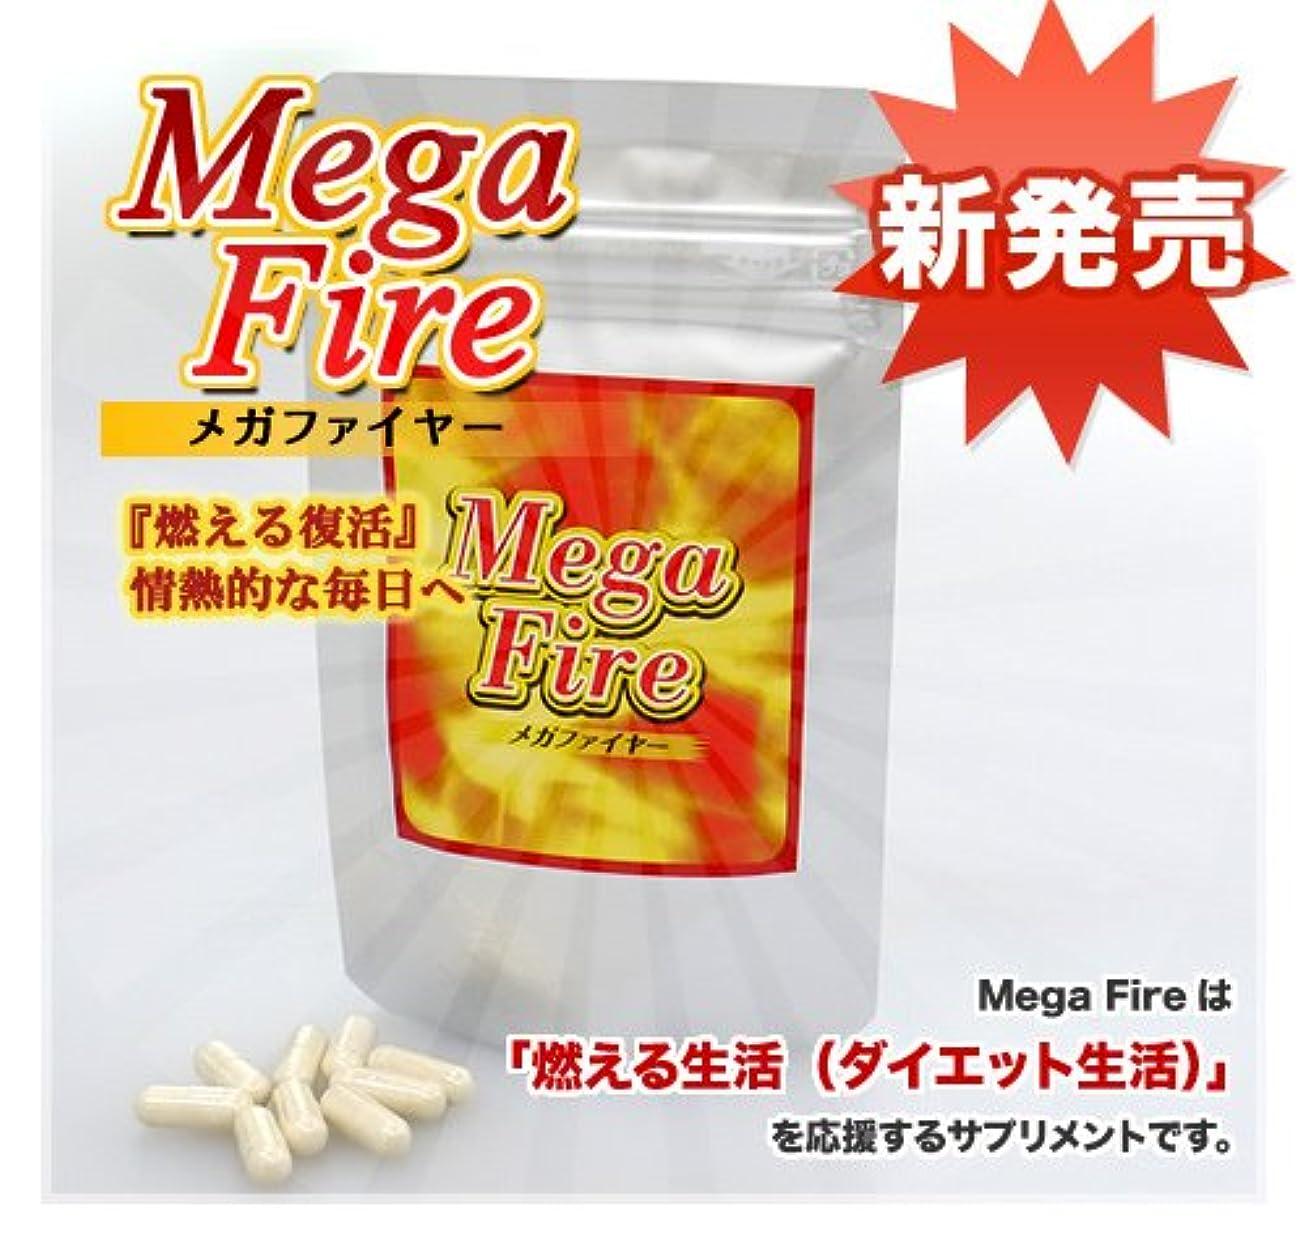 ゴミ箱印象取り戻すMegaFire(メガファイヤー)3ヶ月セット